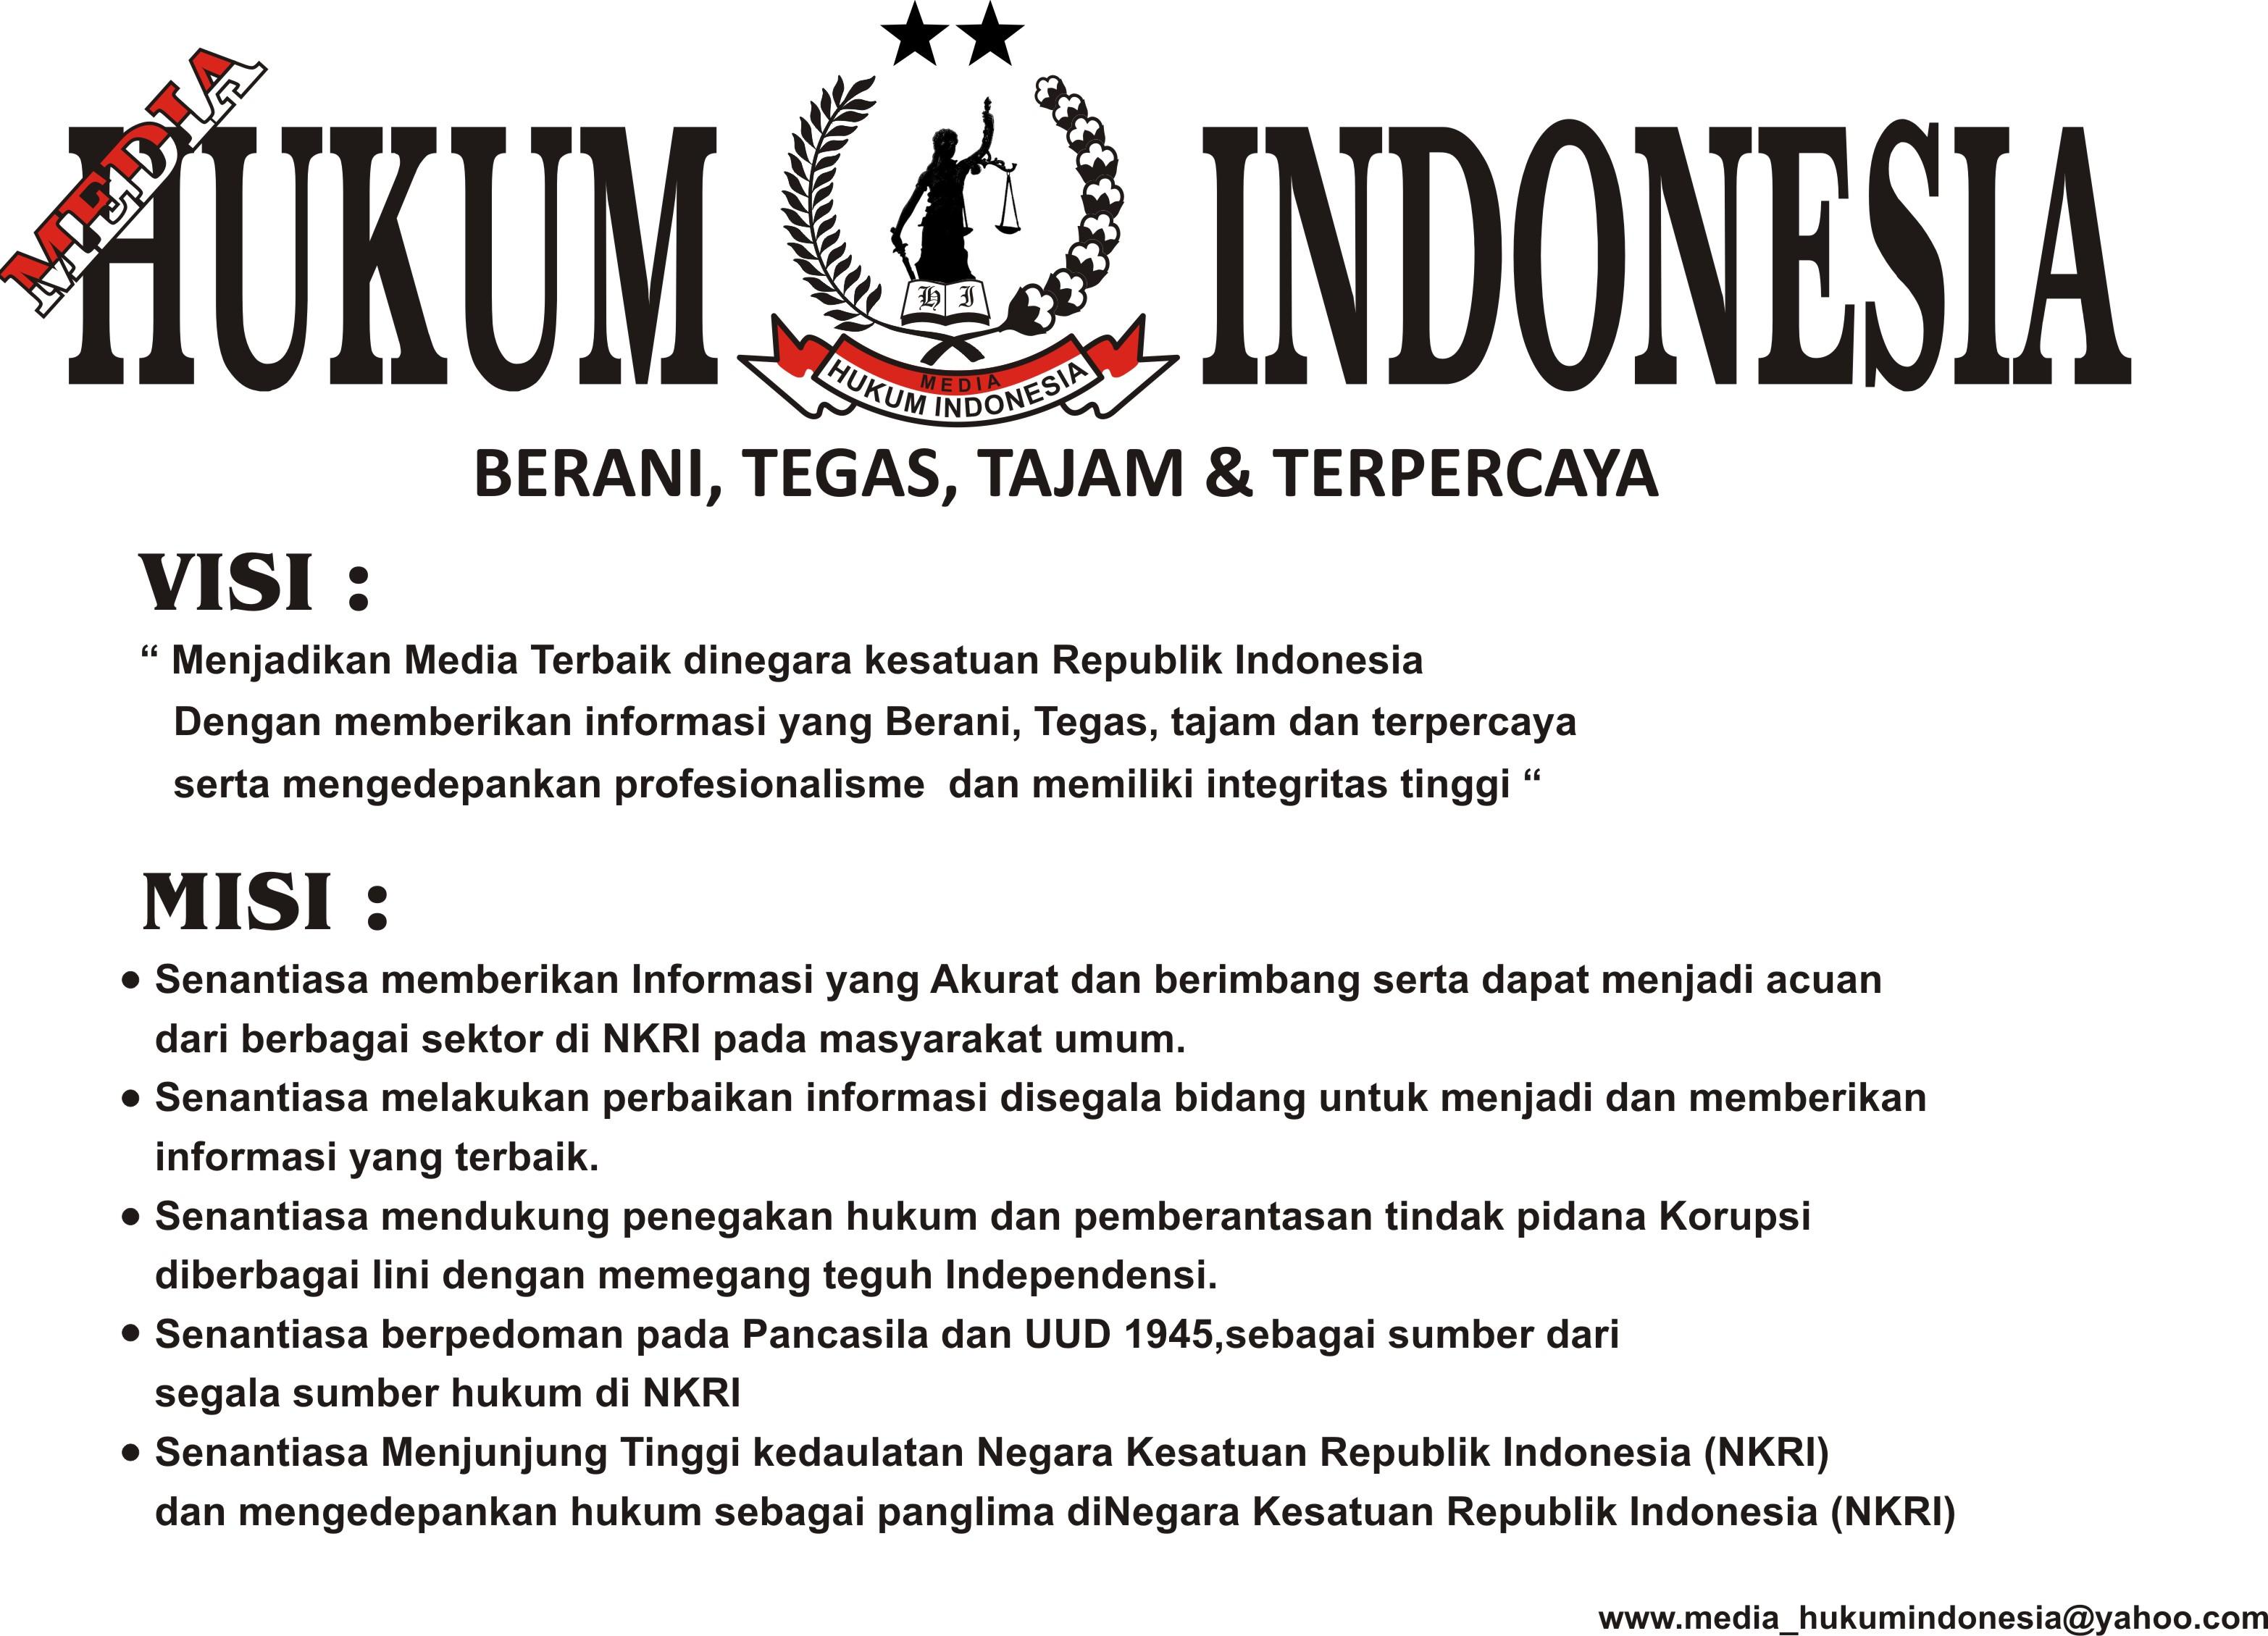 VISI & MISI MEDIA HUKUM INDONESIA